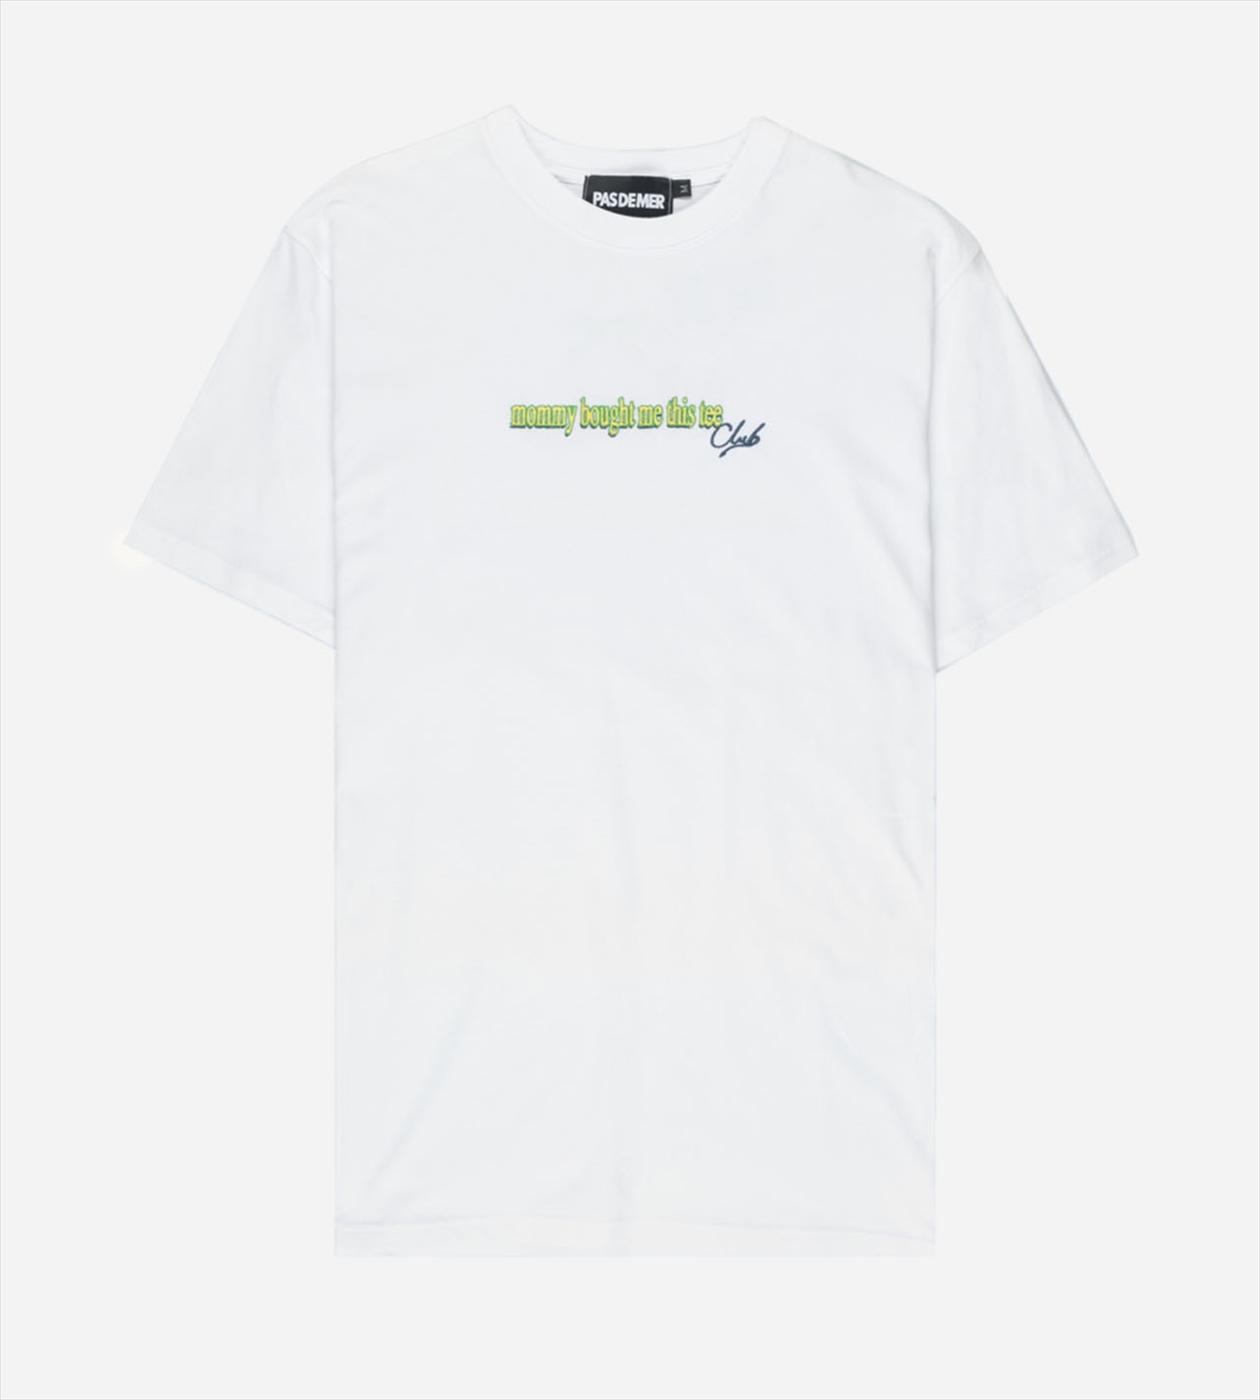 【PAS DE MER/パドゥメ】MOMMY T-SHIRT Tシャツ / WHITE